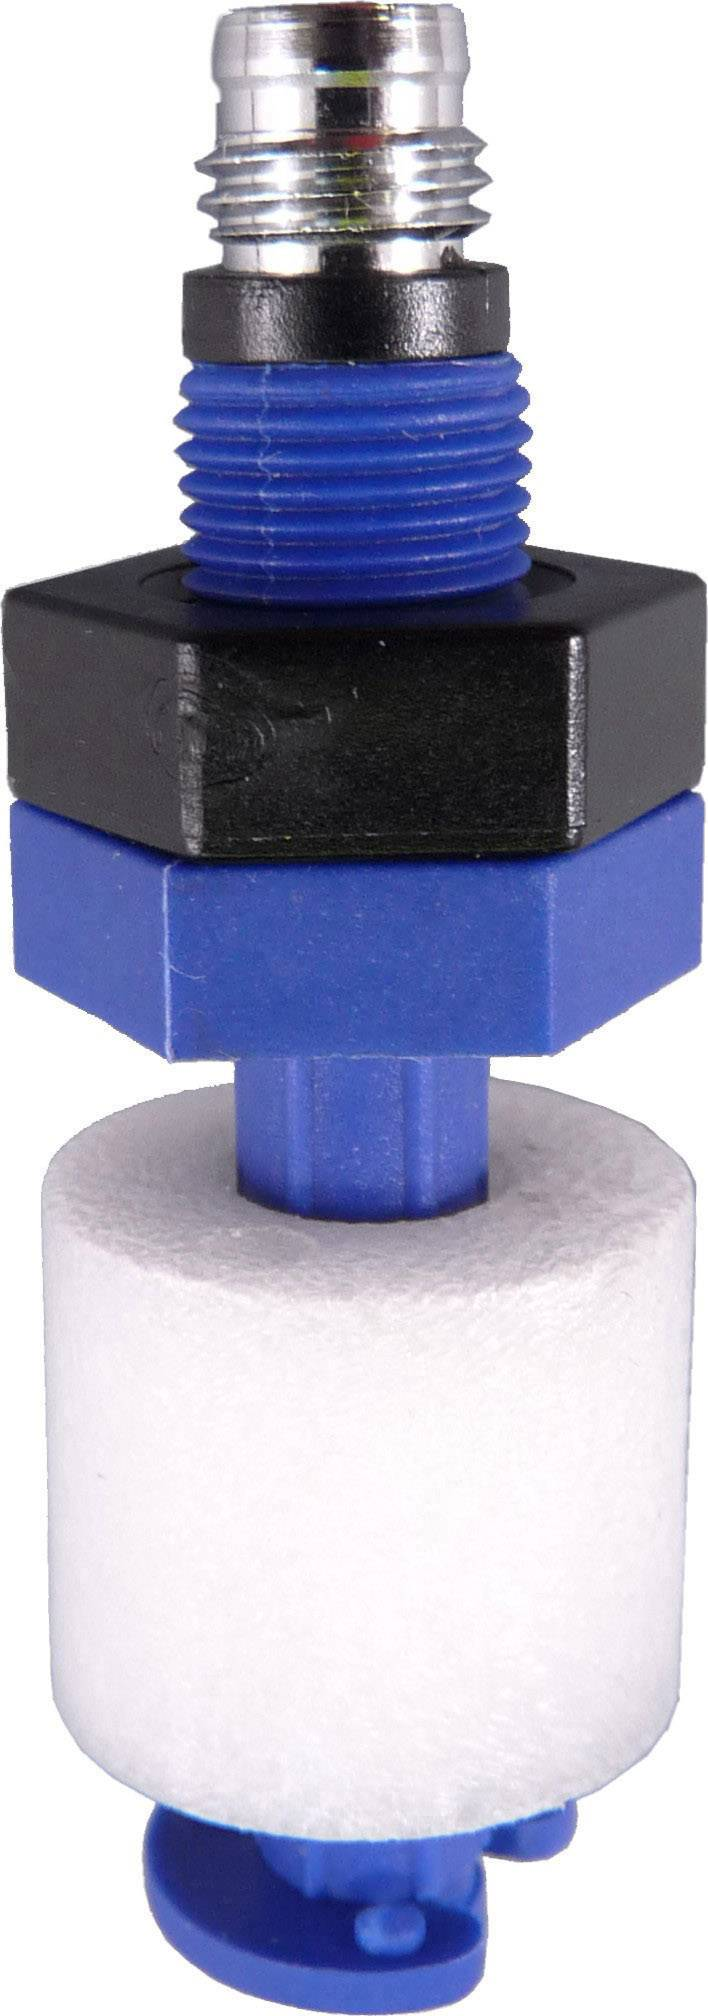 Hladinový spínač Binsack 17187, 100 V/DC, 0.5 A